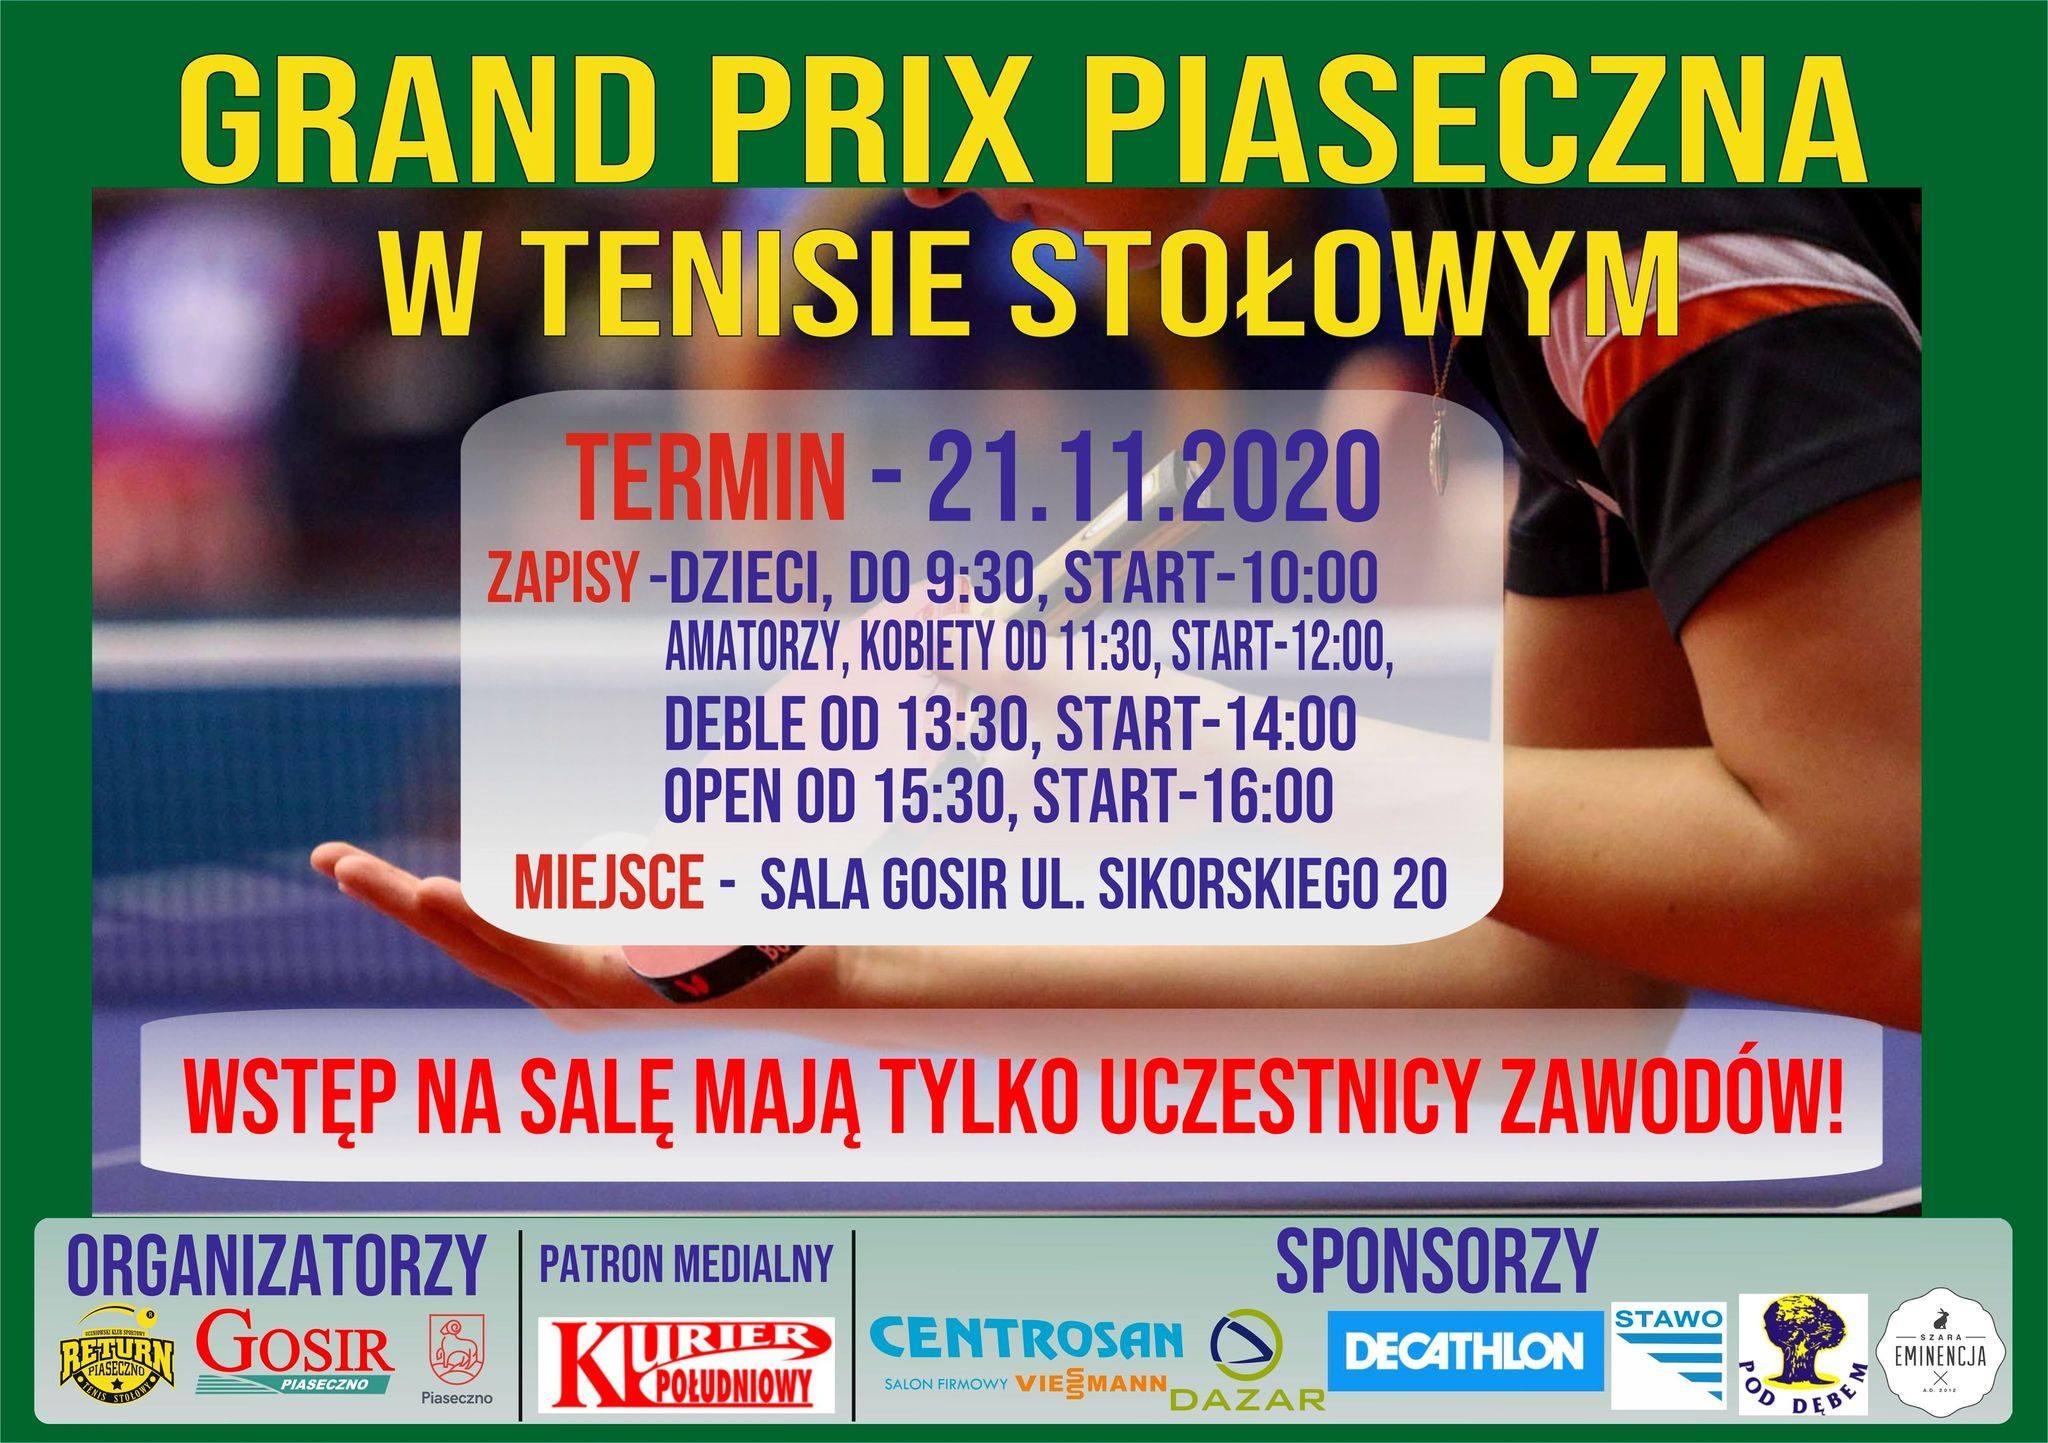 Plakat turnieju Grand Prix Piaseczna w tenisie stołowym 2019/2020 - IX Turniej